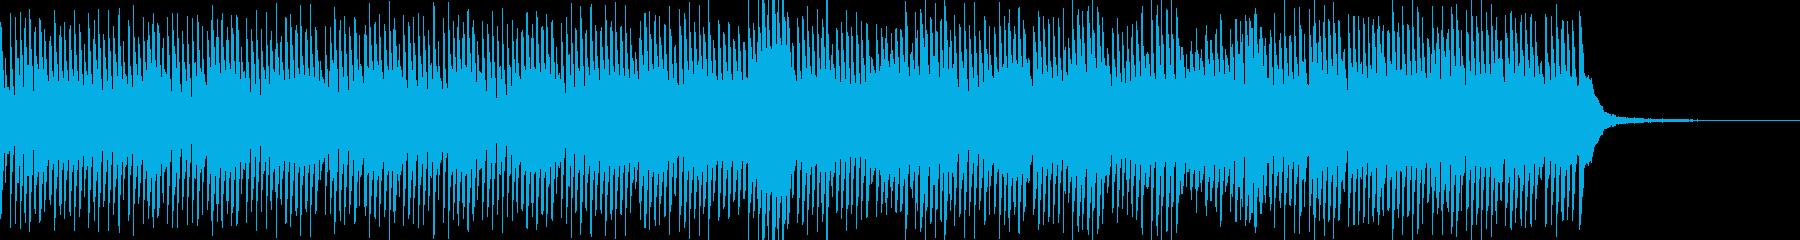 優しく静かで前向きな、ミニマルピアノの再生済みの波形